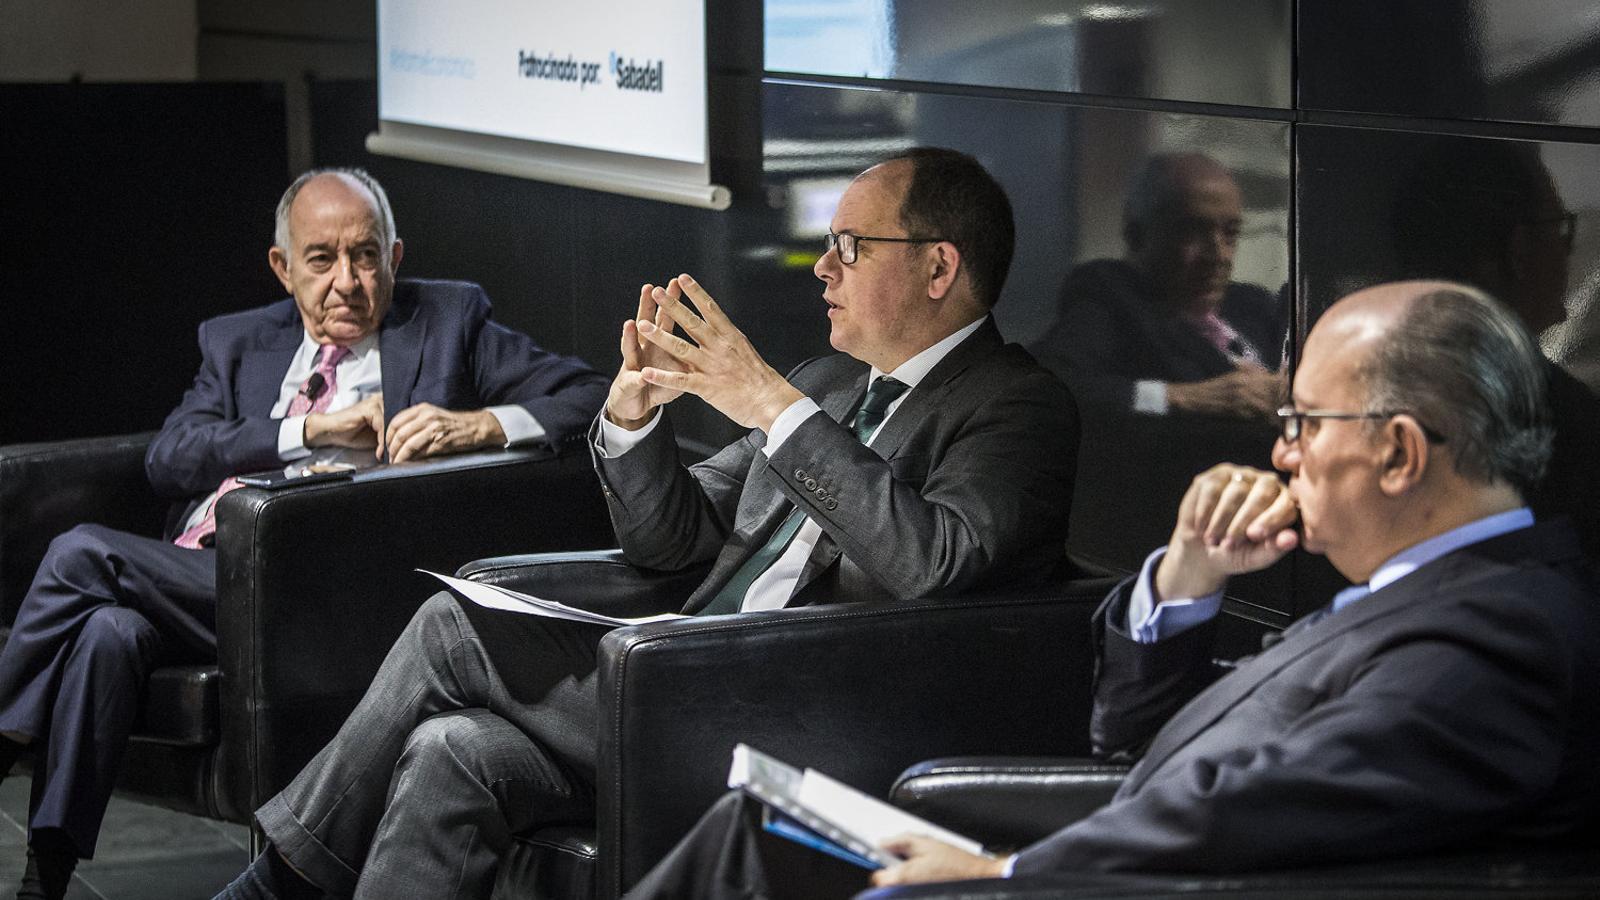 Crònica: Els 40.000 M€ del rescat, reduïts a 'peladillas'